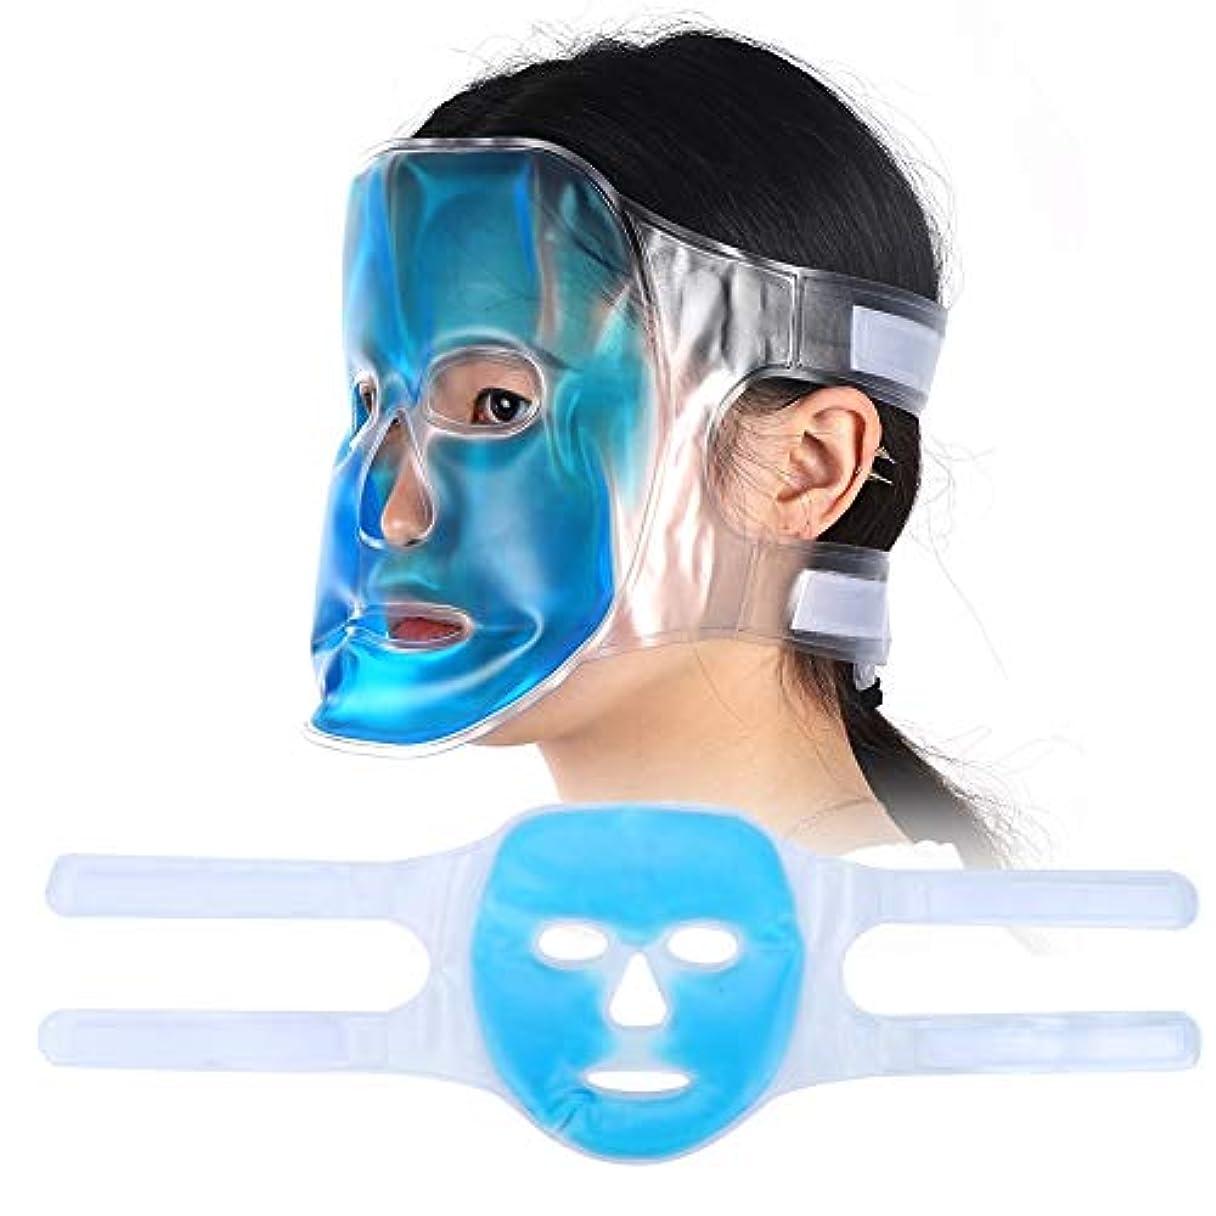 領事館幸運な所得保湿 ジェルブルーフェイスマスク 疲労緩和 リラクゼーションフル フェイスクーリングマスク